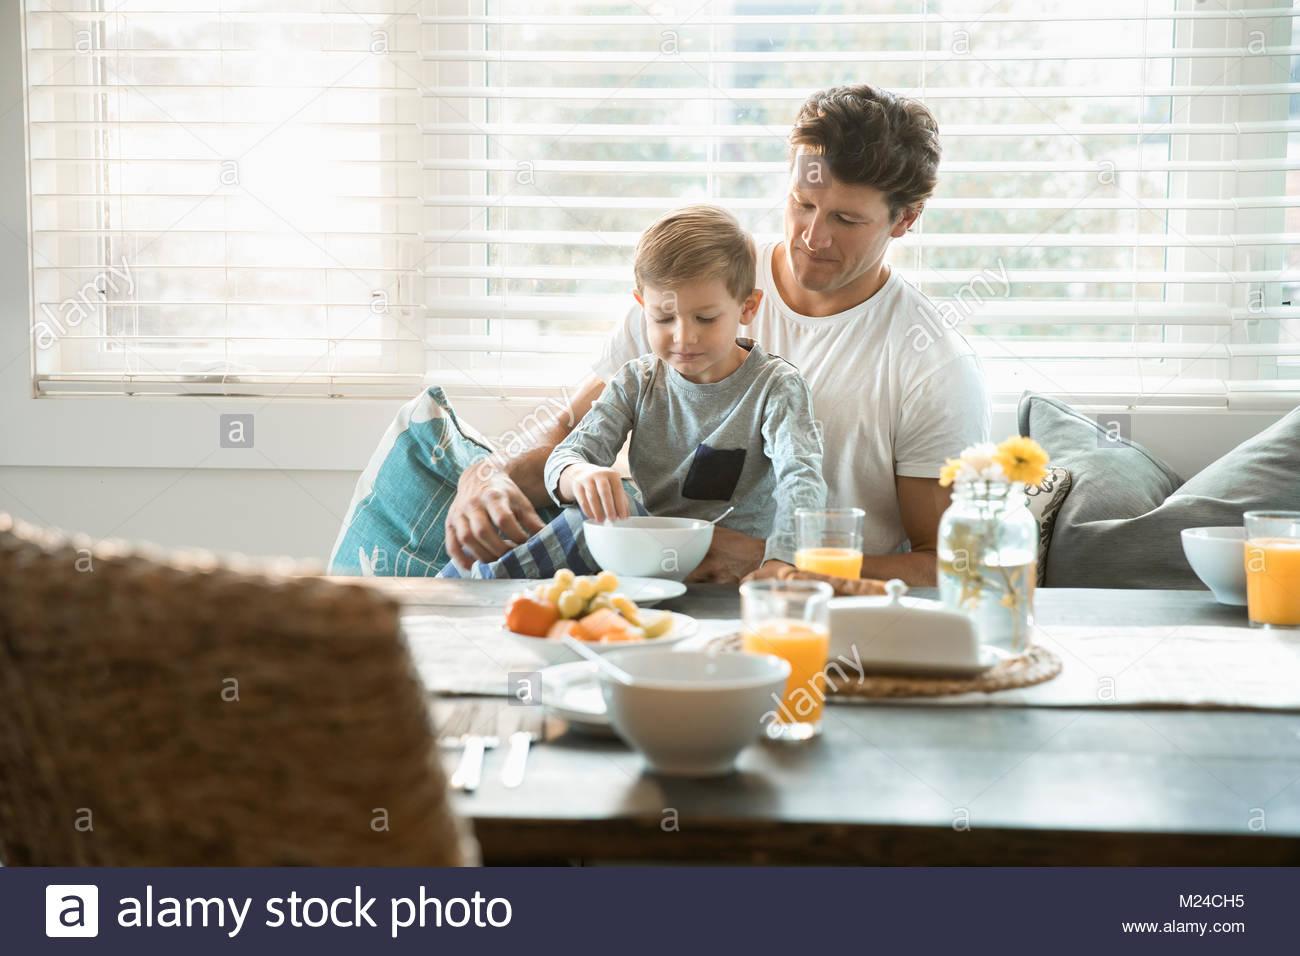 Padre e hijo desayunando en el rincón desayunador Imagen De Stock